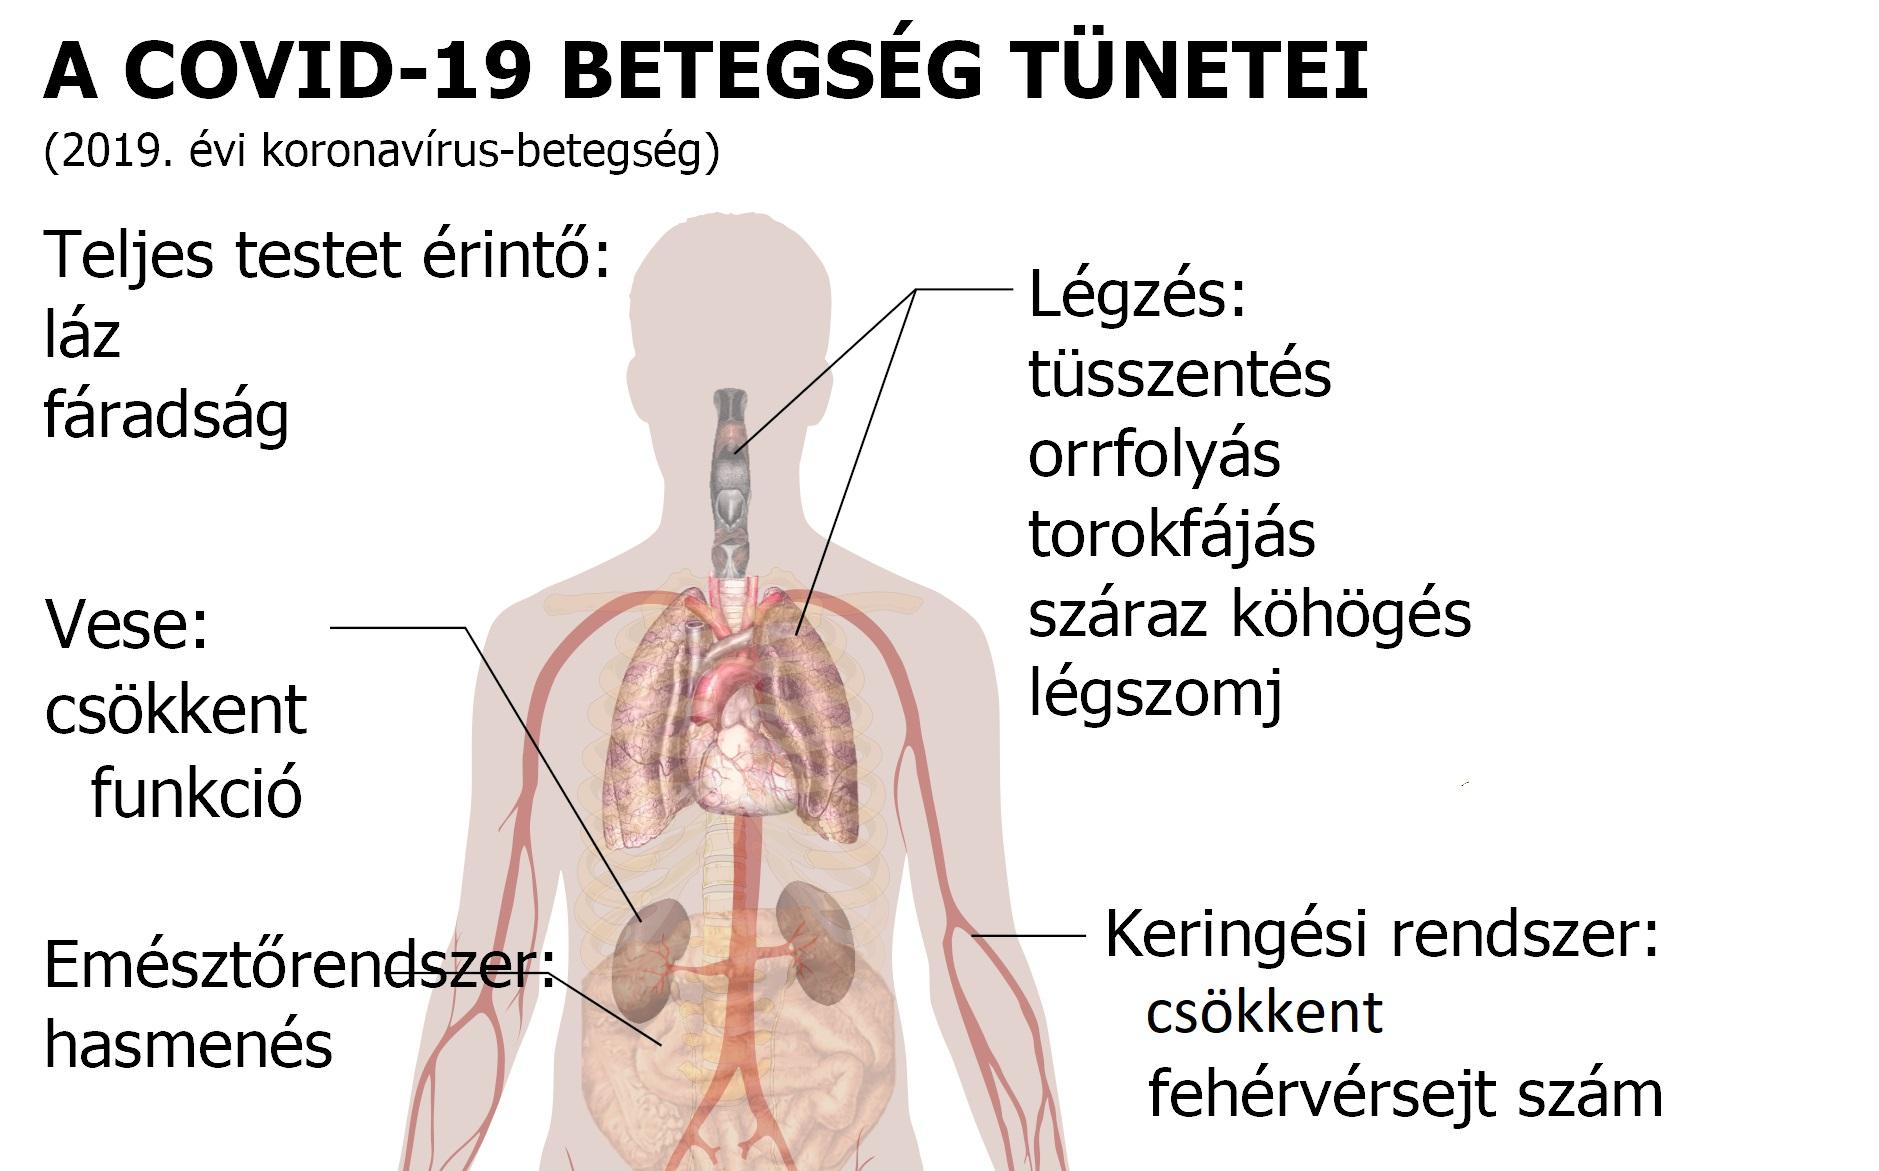 a gömbféreg fejlődési szakasza az emberi tüdőben